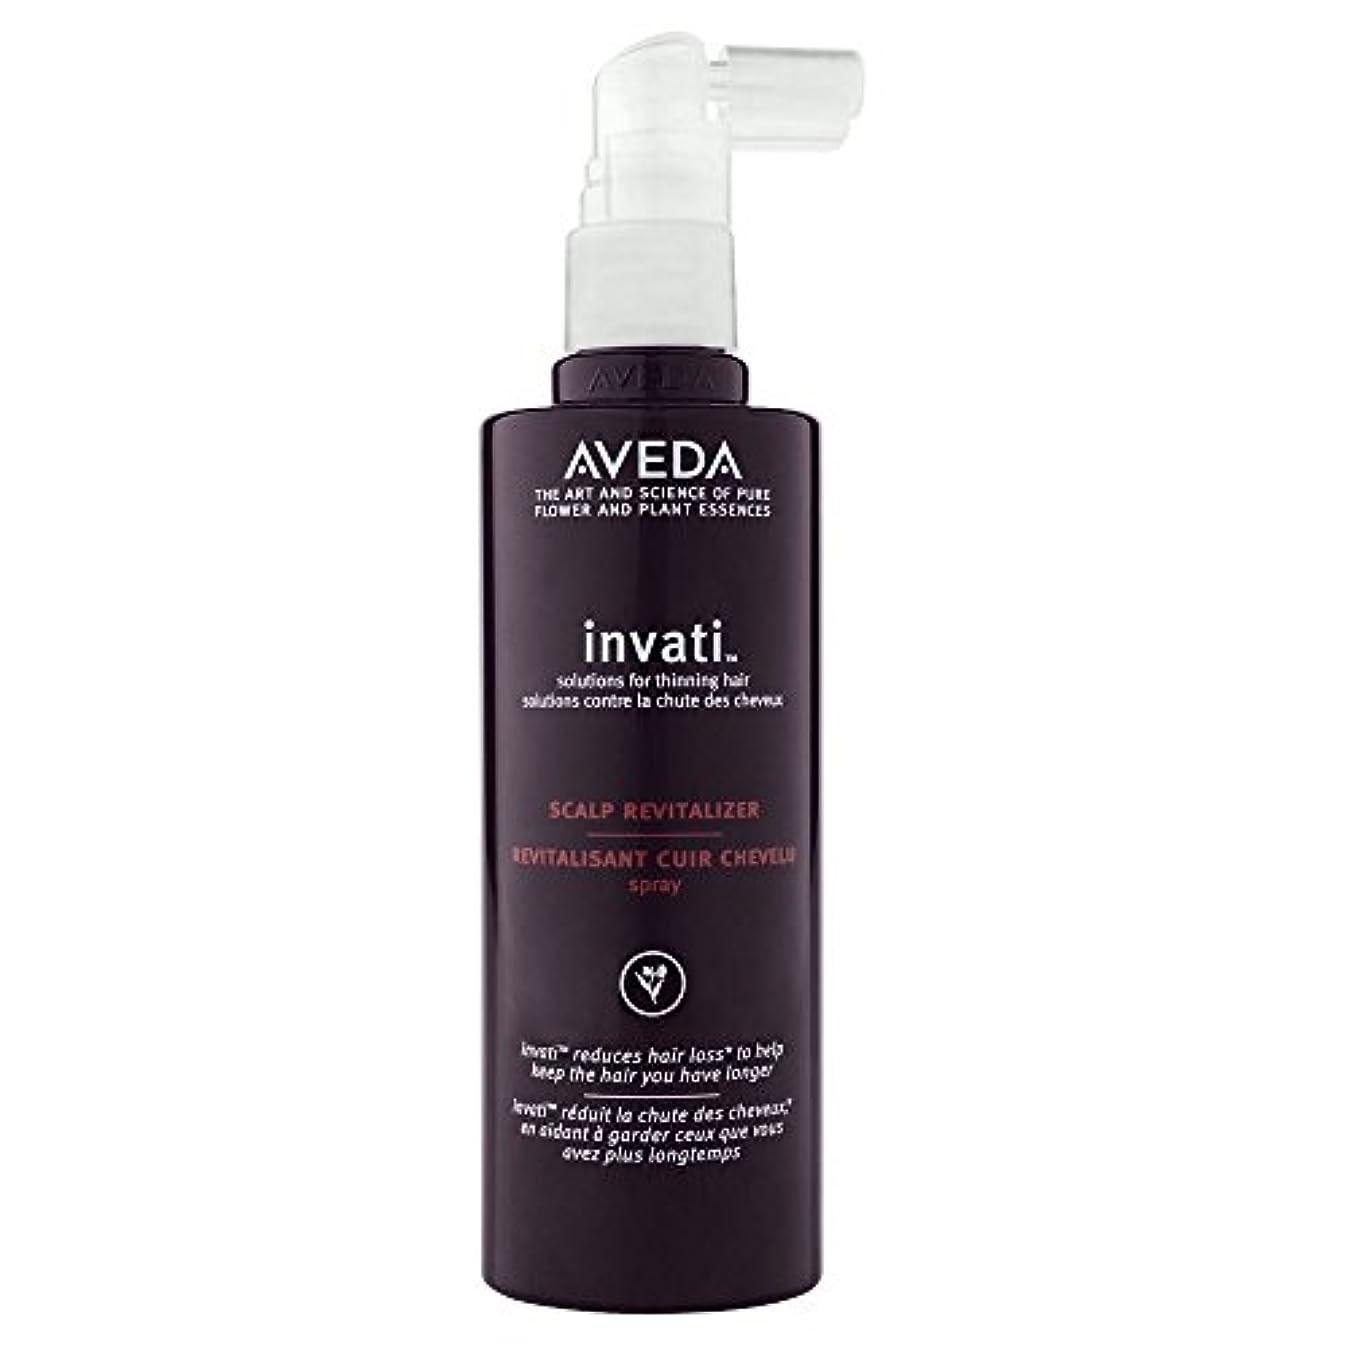 浸した上に築きますサリー[AVEDA] アヴェダInvati頭皮の滋養強壮の150ミリリットル - Aveda Invati Scalp Revitalizer 150ml [並行輸入品]